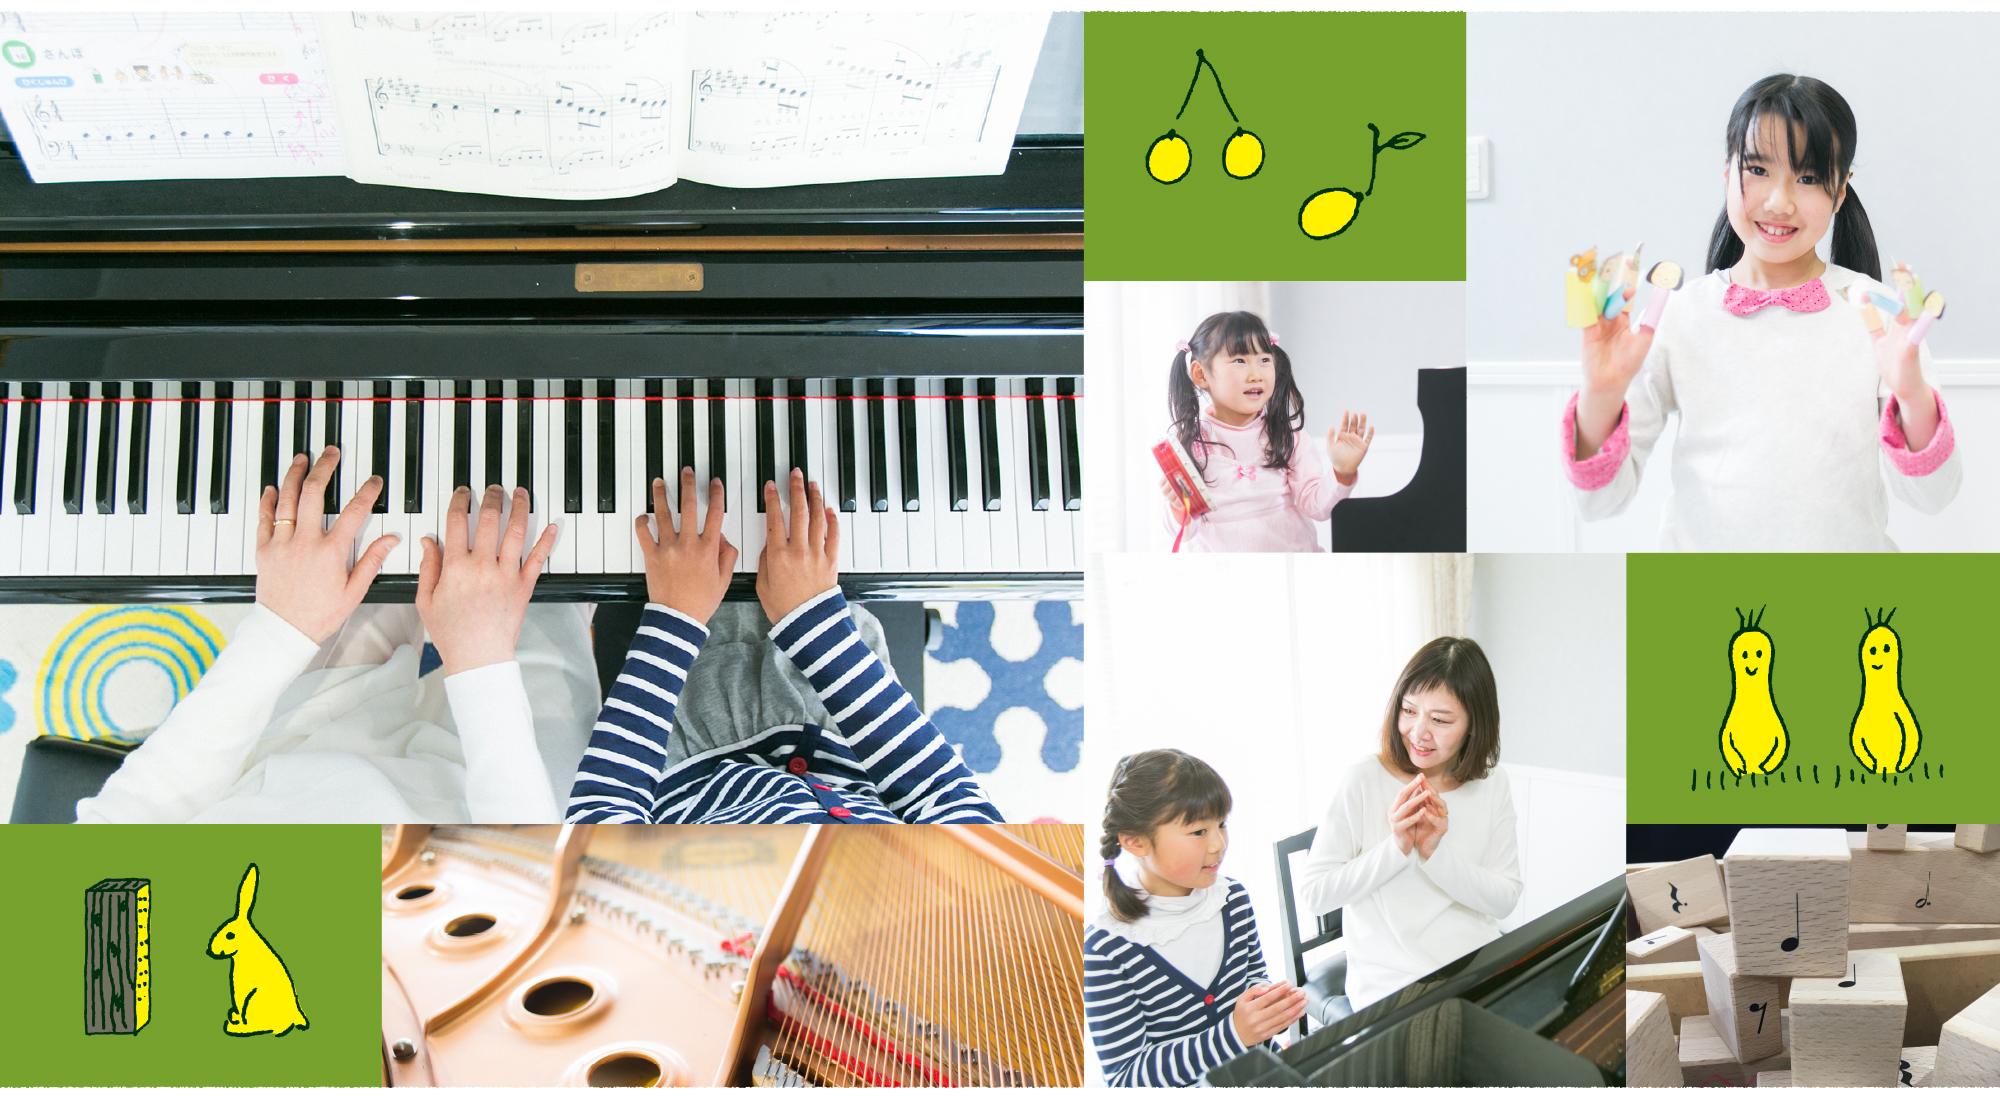 まえやま音楽教室 – 津市白山町のピアノ教室 リトミック ヴォーカル